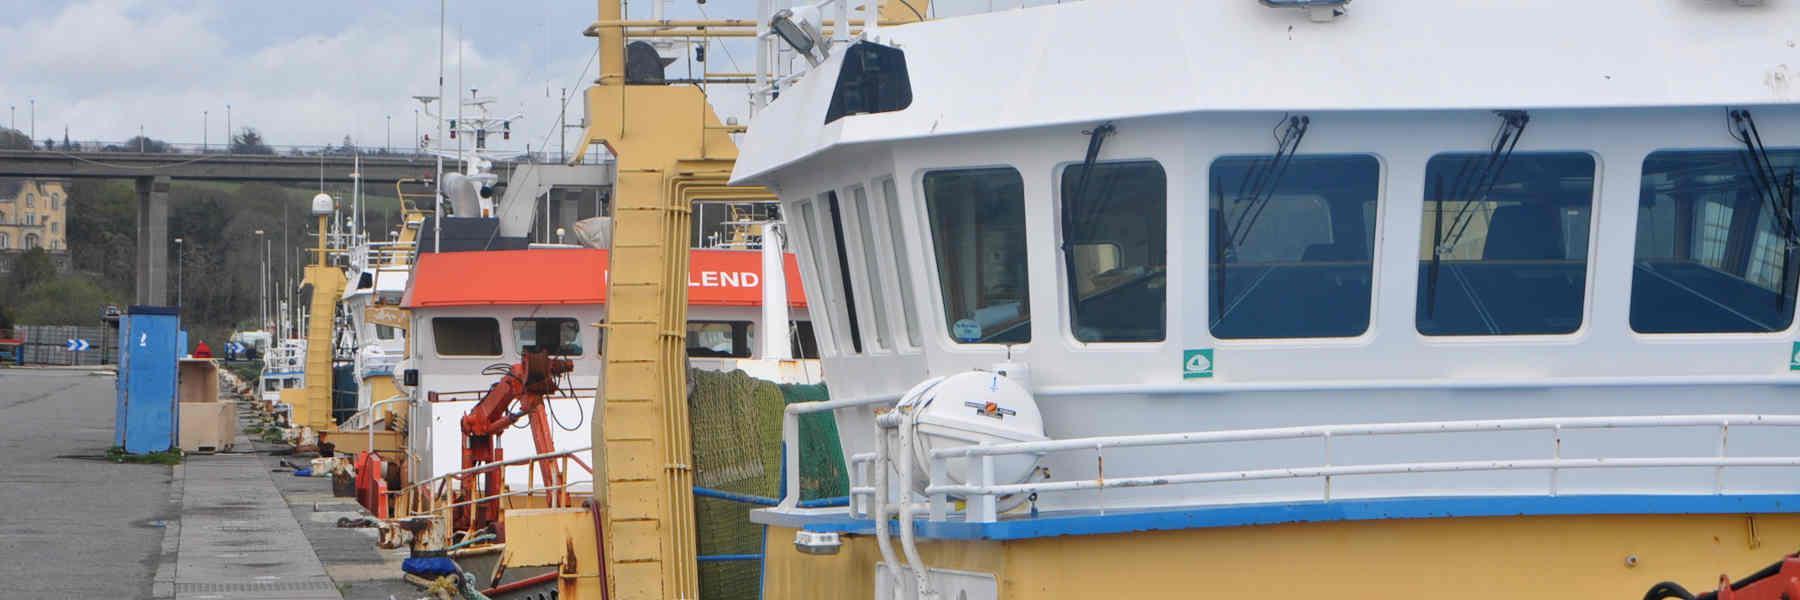 Visite avec Pascal guide au port de Concarneau